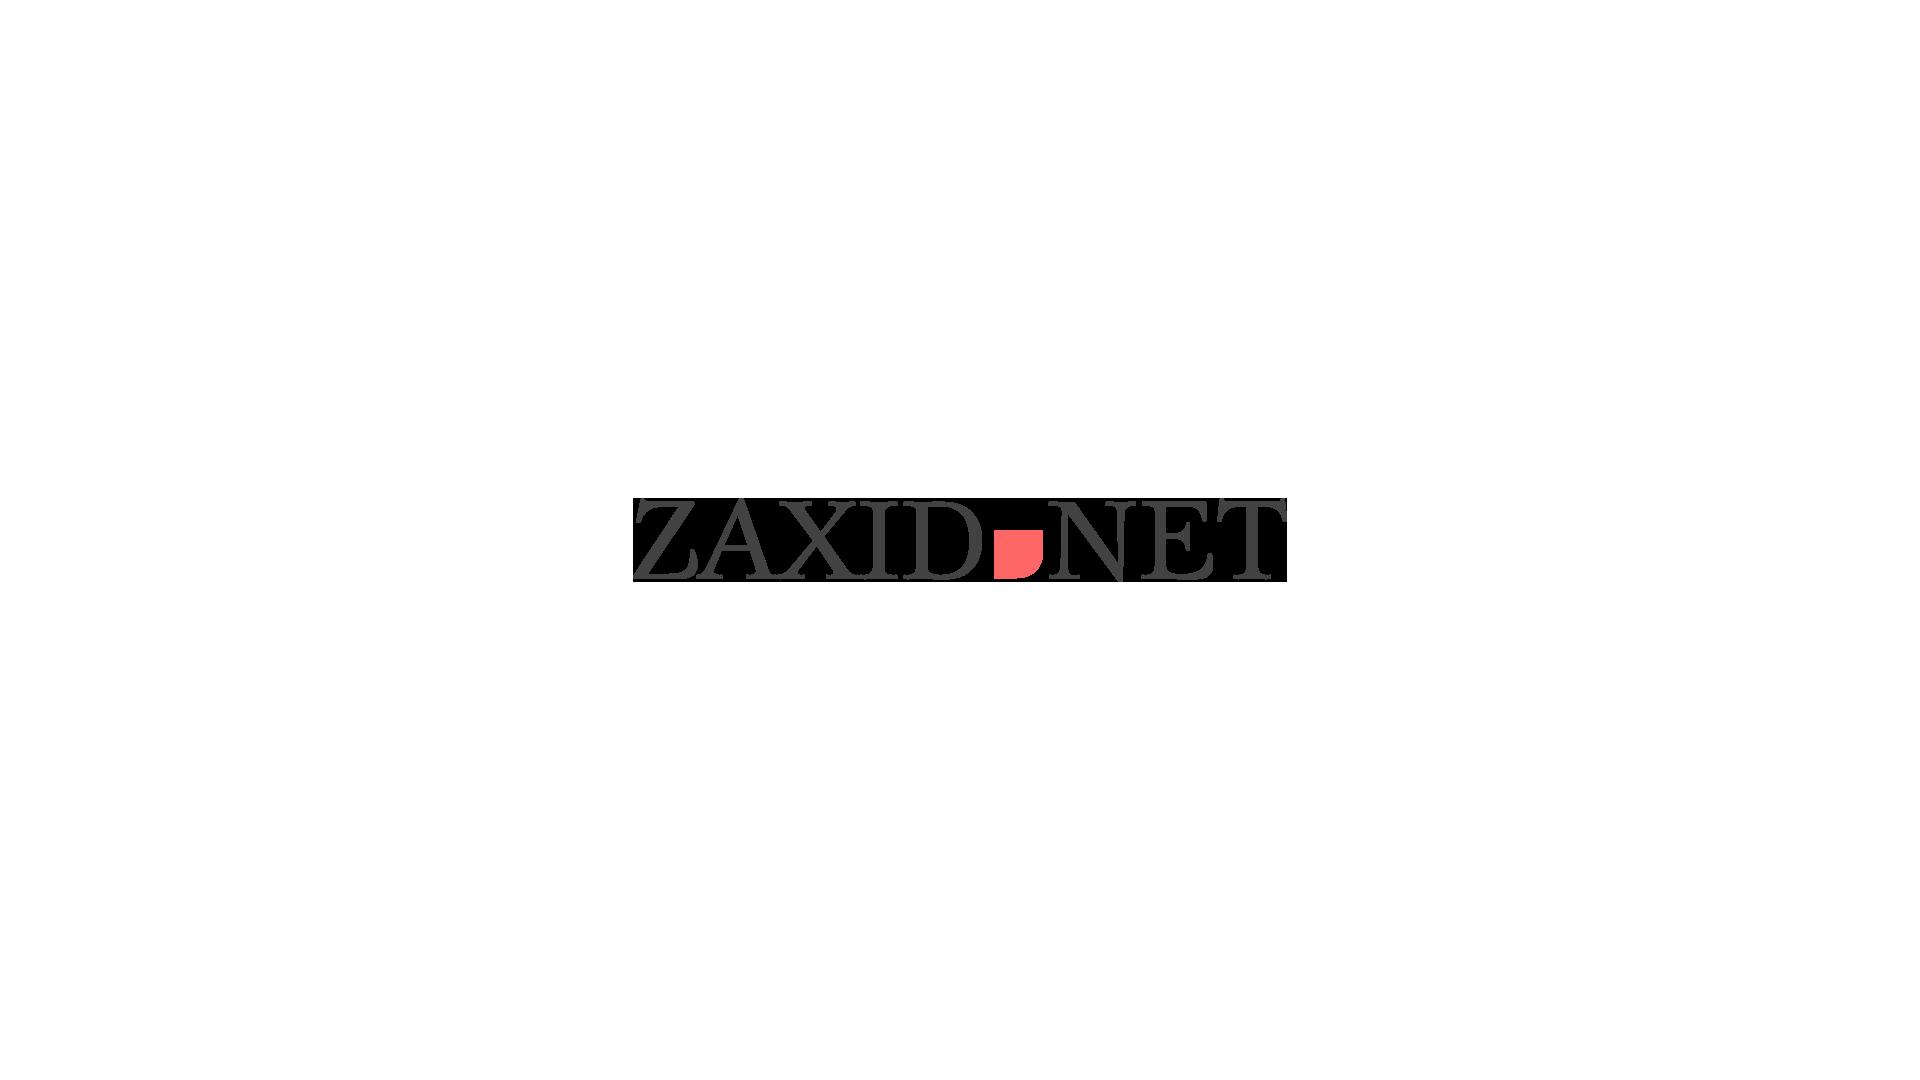 zaxid-social.png?v3v3.0b289r1